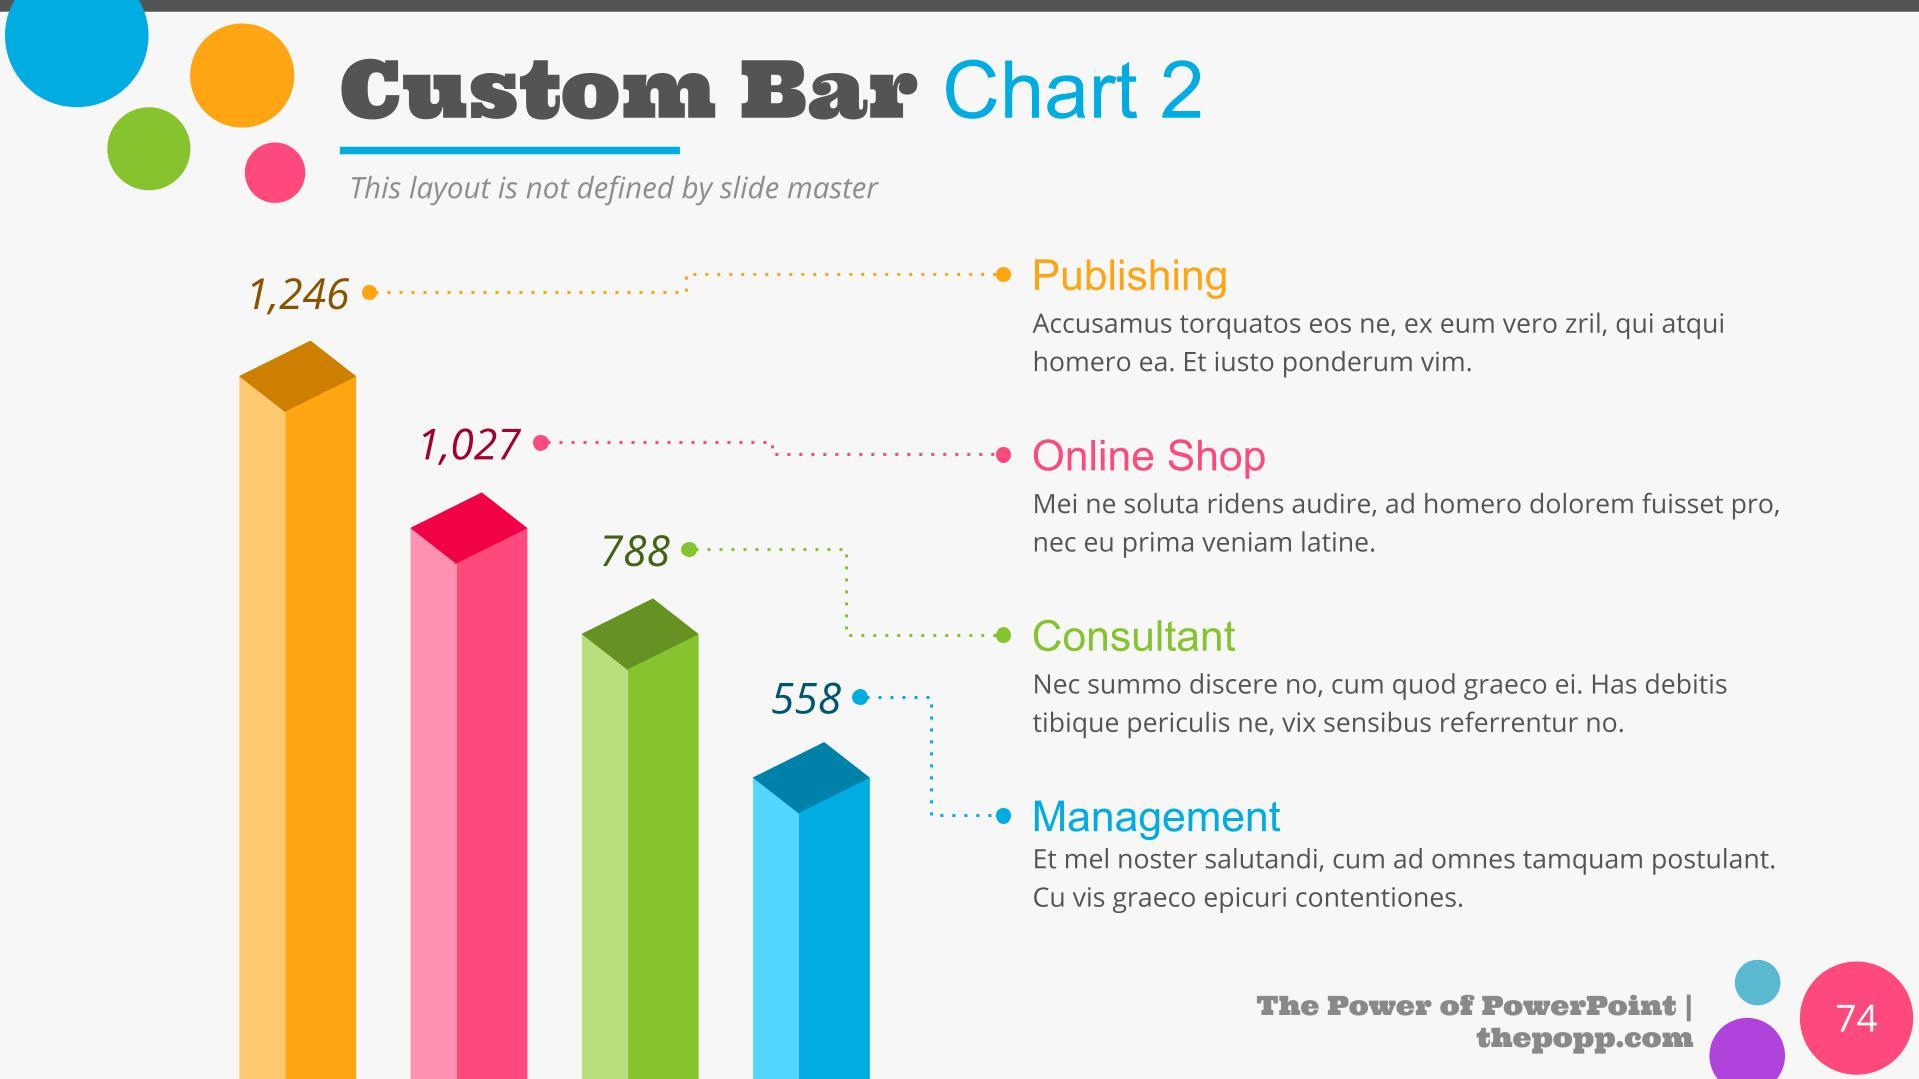 Colorful custom bar chart.